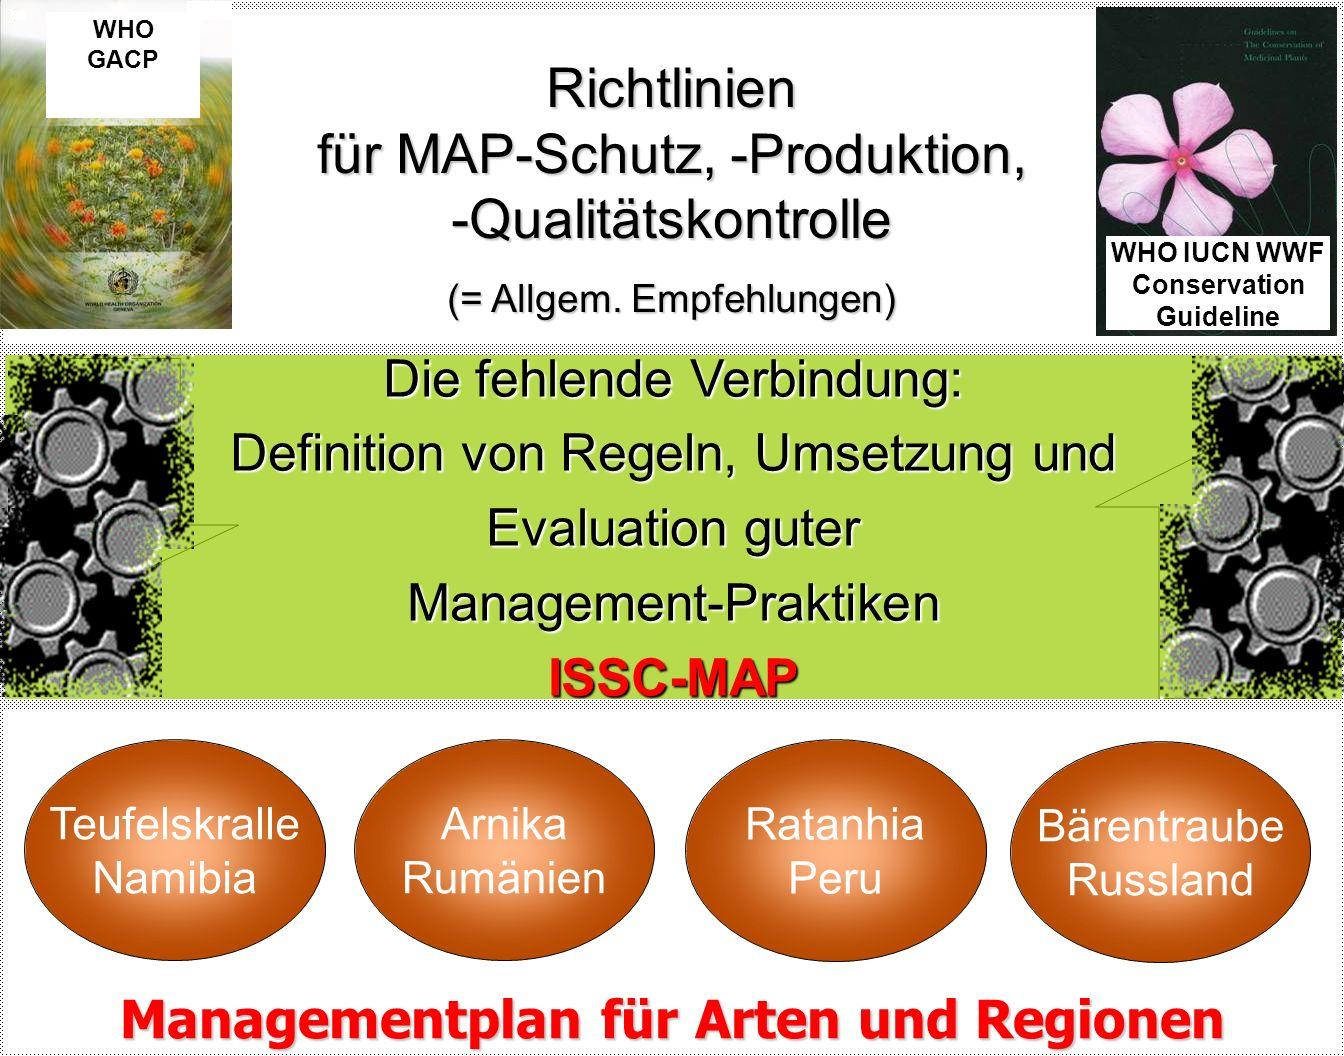 ? ? Managementplan für Arten und Regionen Teufelskralle Namibia Arnika Rumänien Bärentraube Russland Ratanhia Peru Richtlinien für MAP-Schutz, -Produk